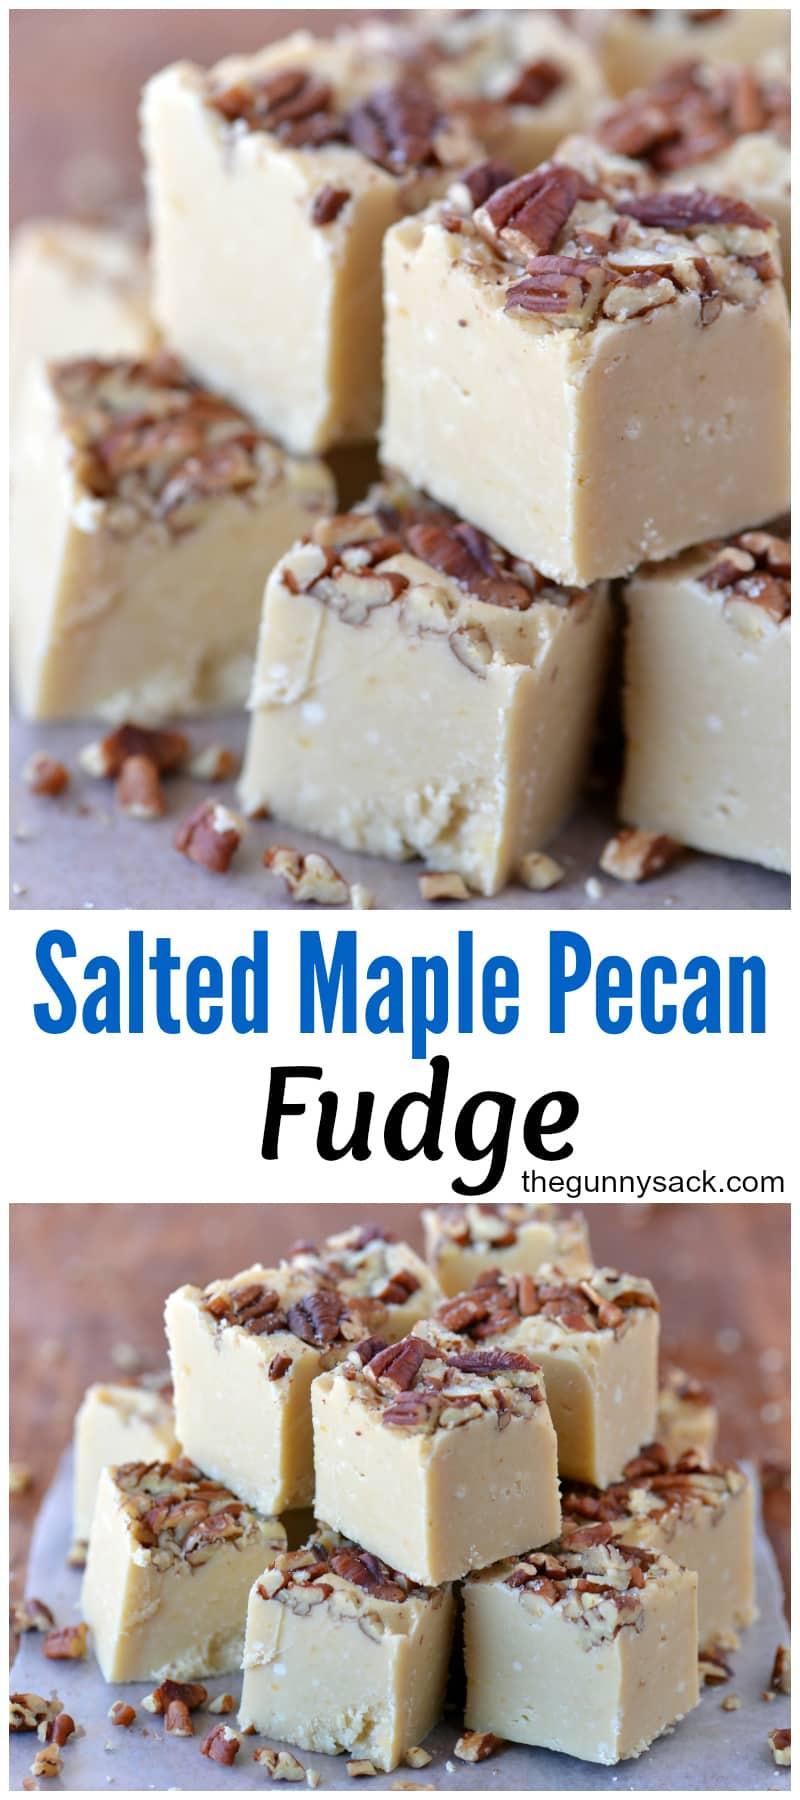 ... Brown Sugar Fudge | Recipe | Brown Sugar Fudge, Brown Sugar and Fudge